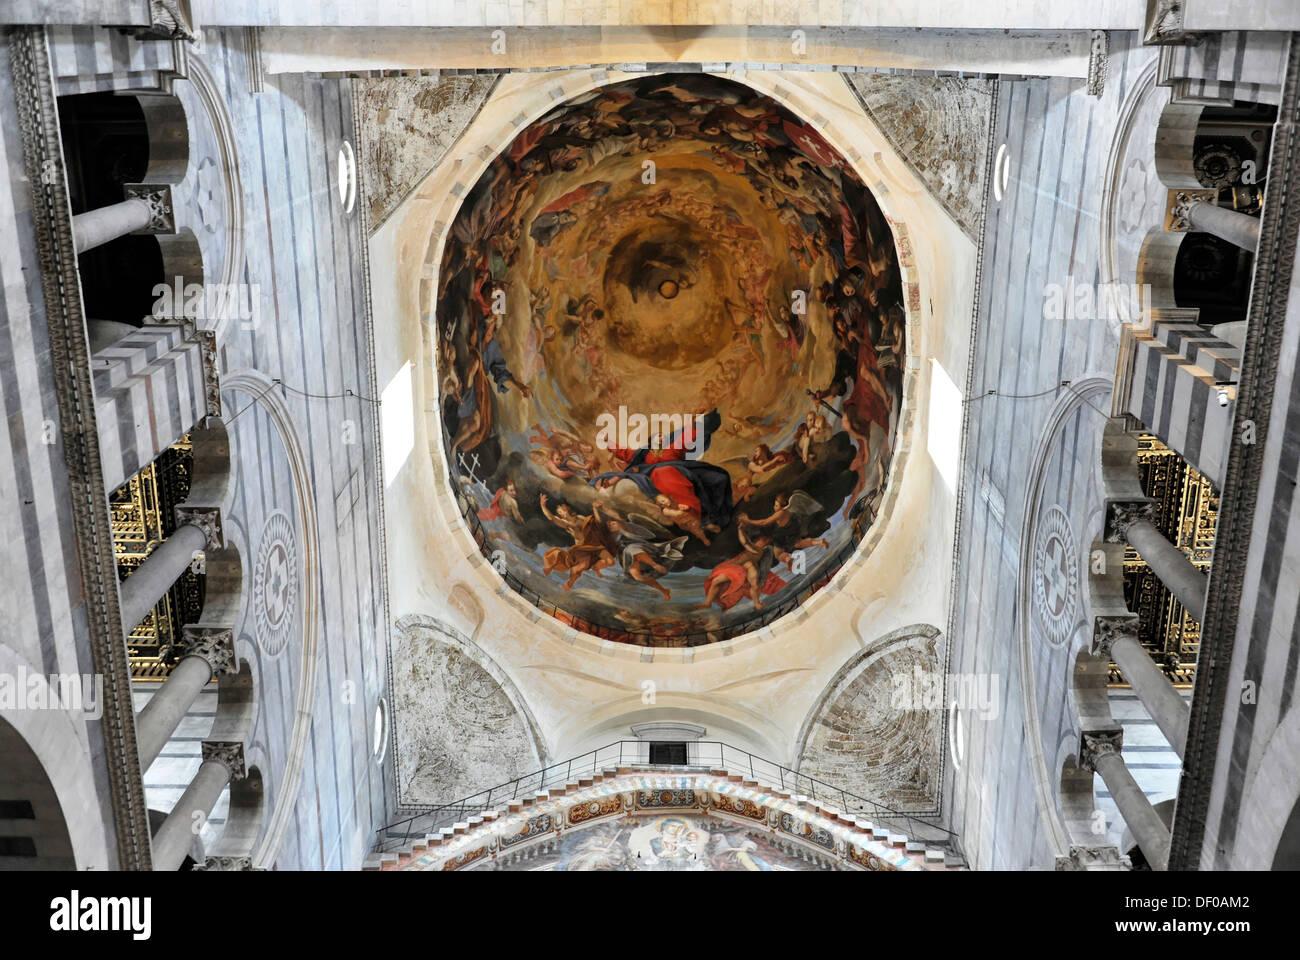 Soffitto A Volta Affrescato : I soffitti a volta soffitto dipinti affreschi duomo di pisa